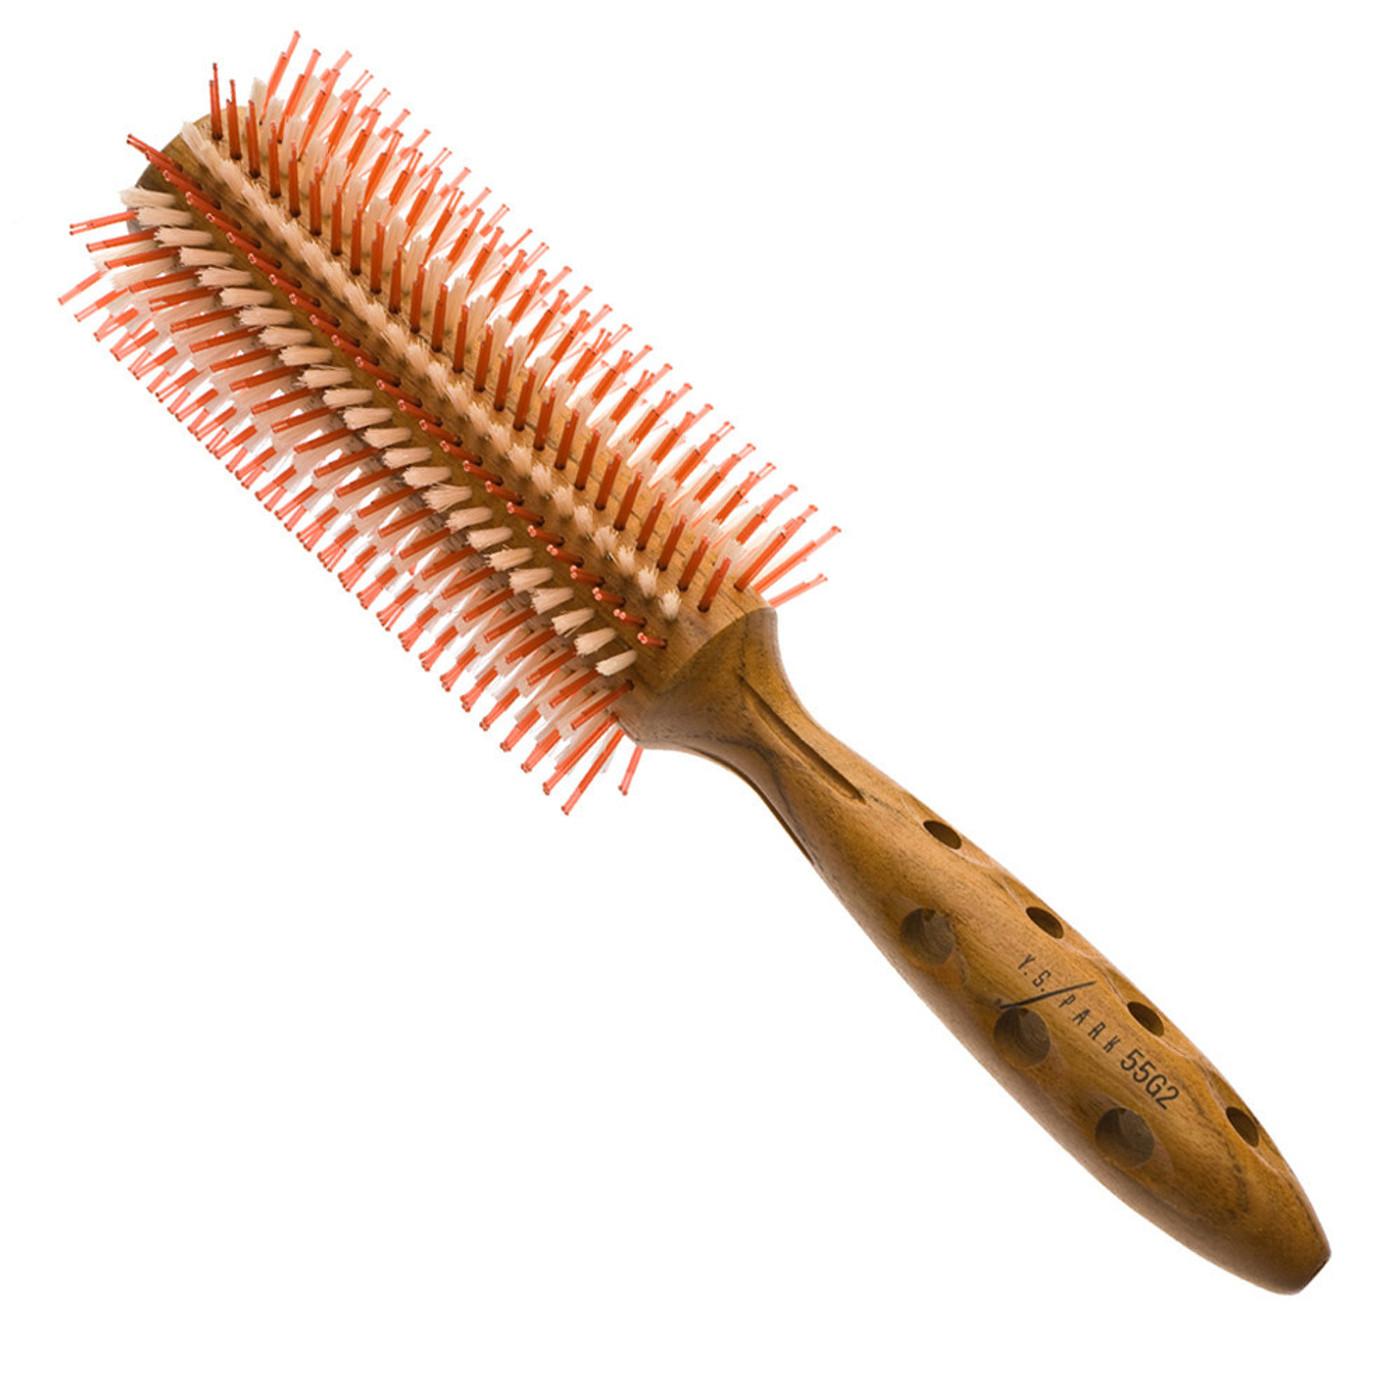 YS Park Medium Super G Series Hairbrush (YS-55G2)